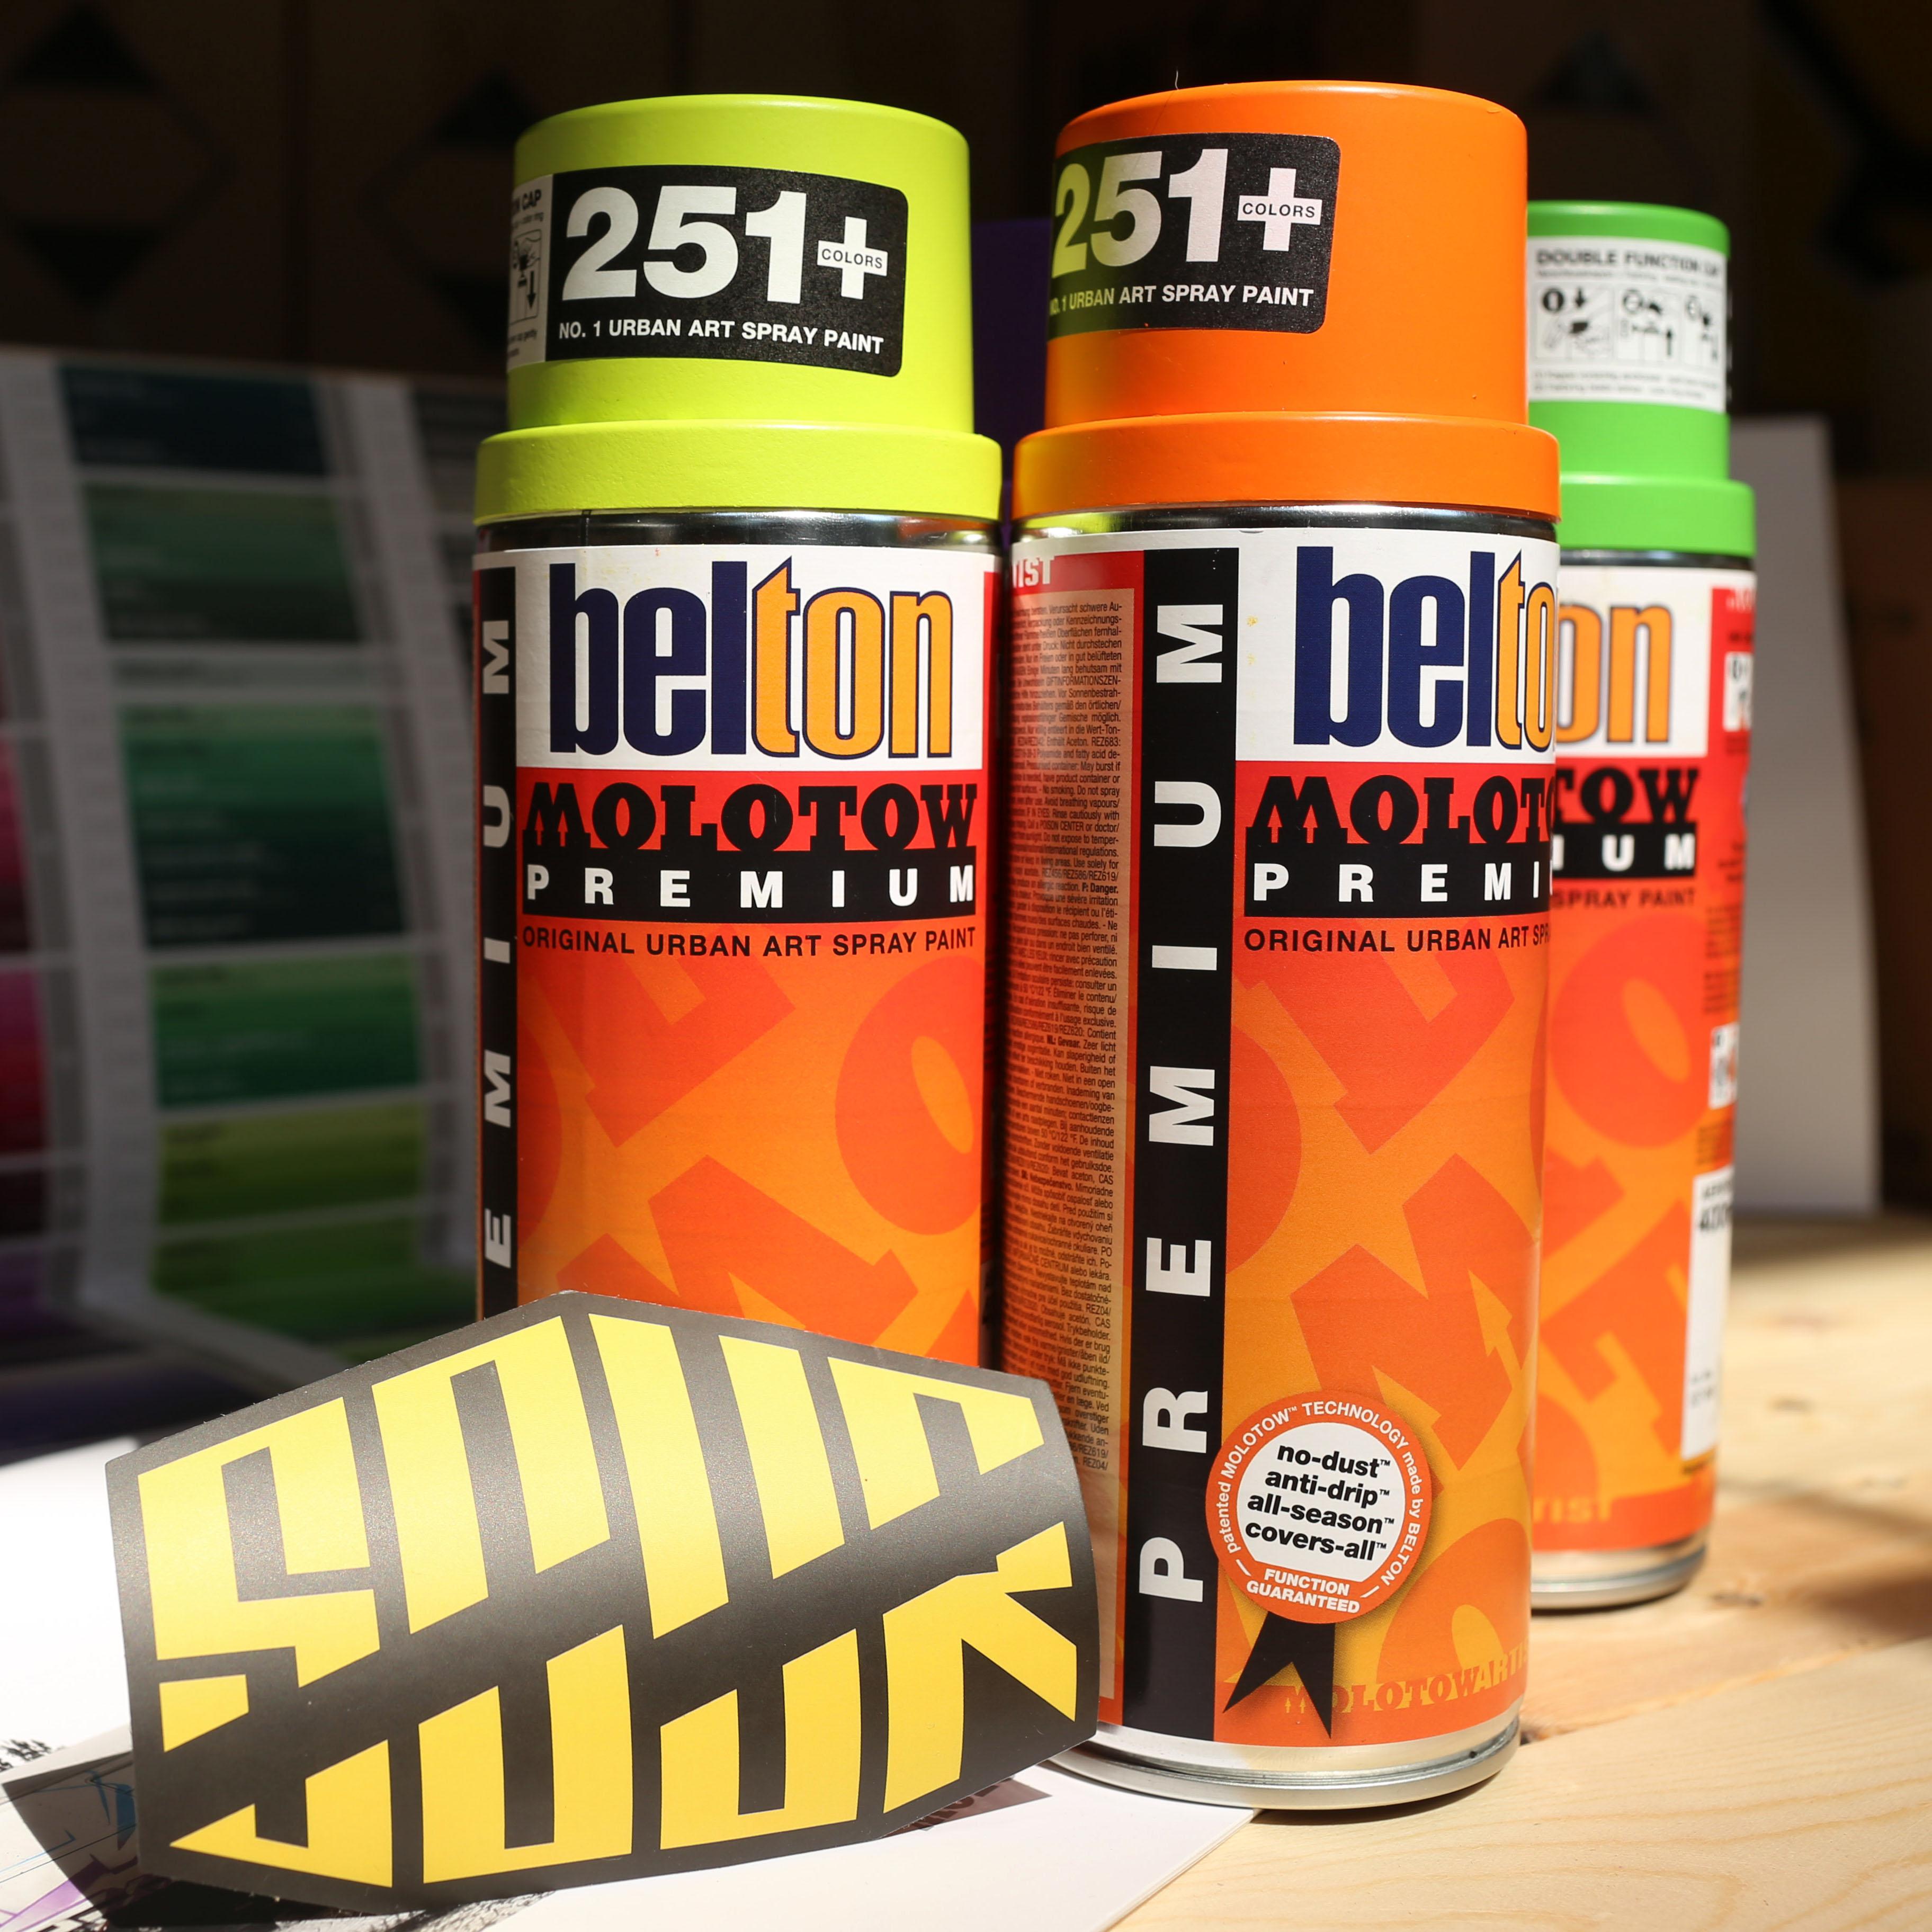 MOLOTOW   BELTON PREMIUM импорт из германии специальность граффити окраска распылением   супер крышка   251 цвет